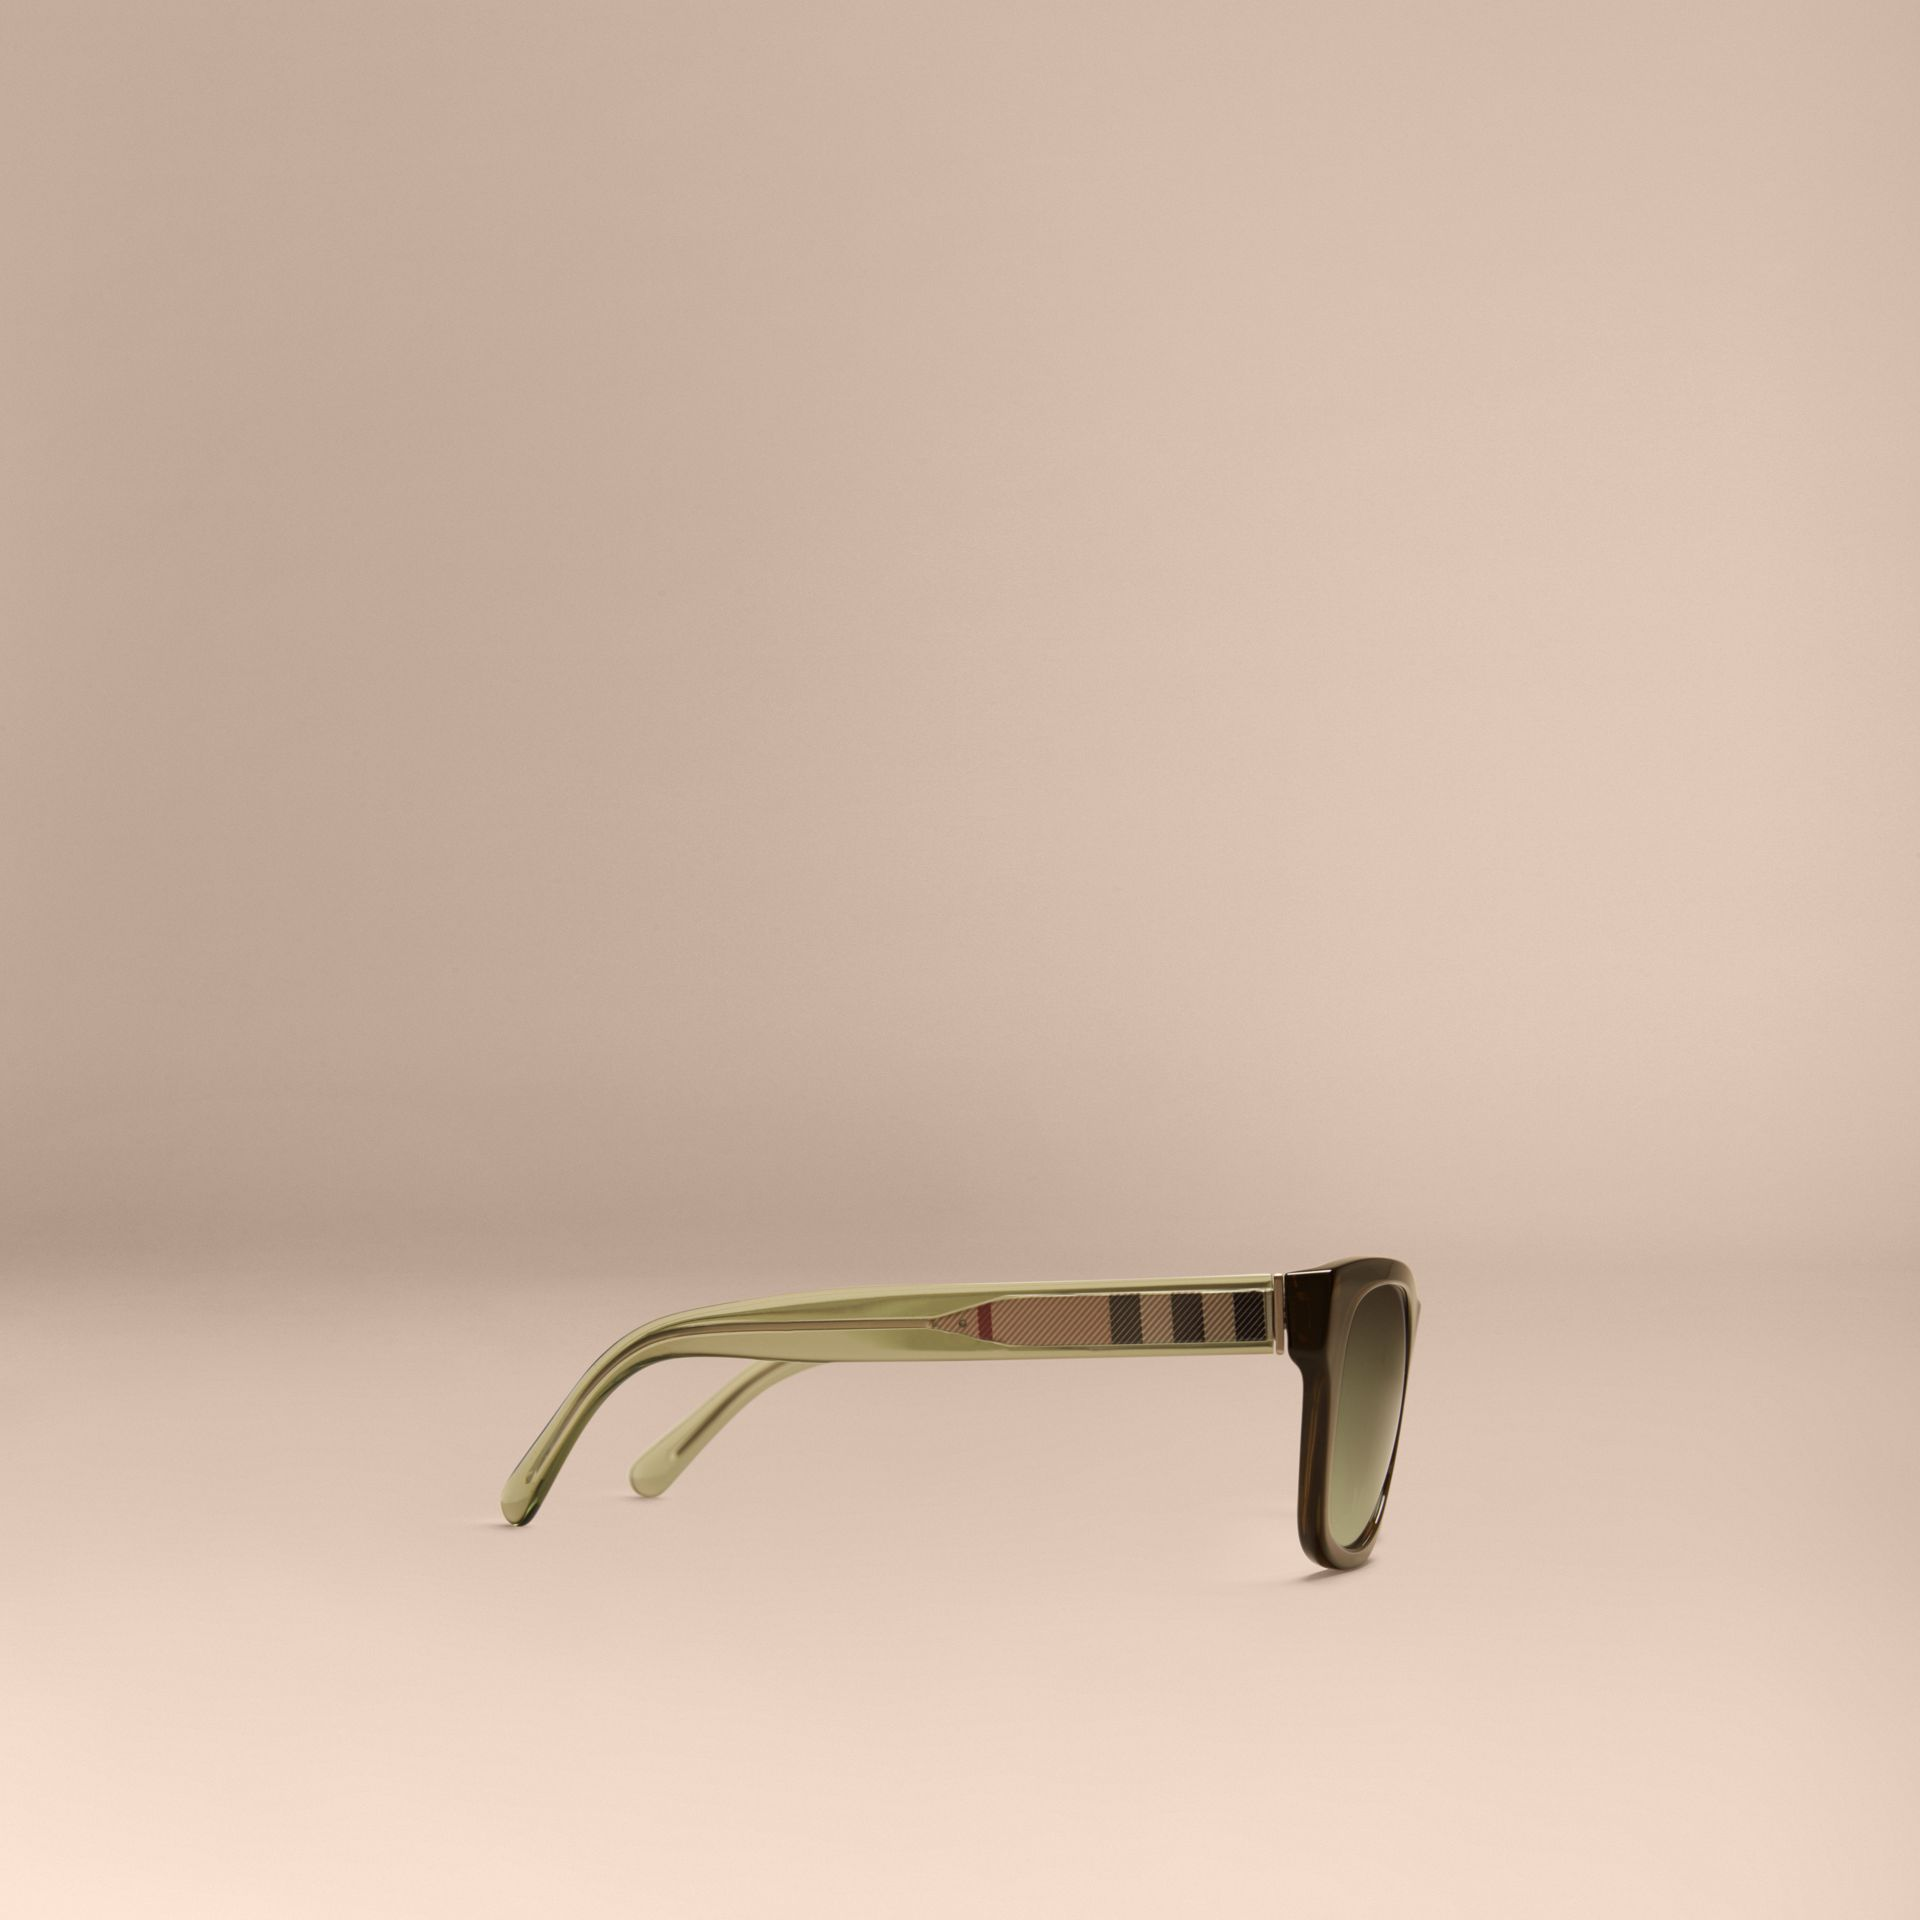 Verde oliva Óculos de sol com armação quadrada e detalhe xadrez Verde Oliva - galeria de imagens 5